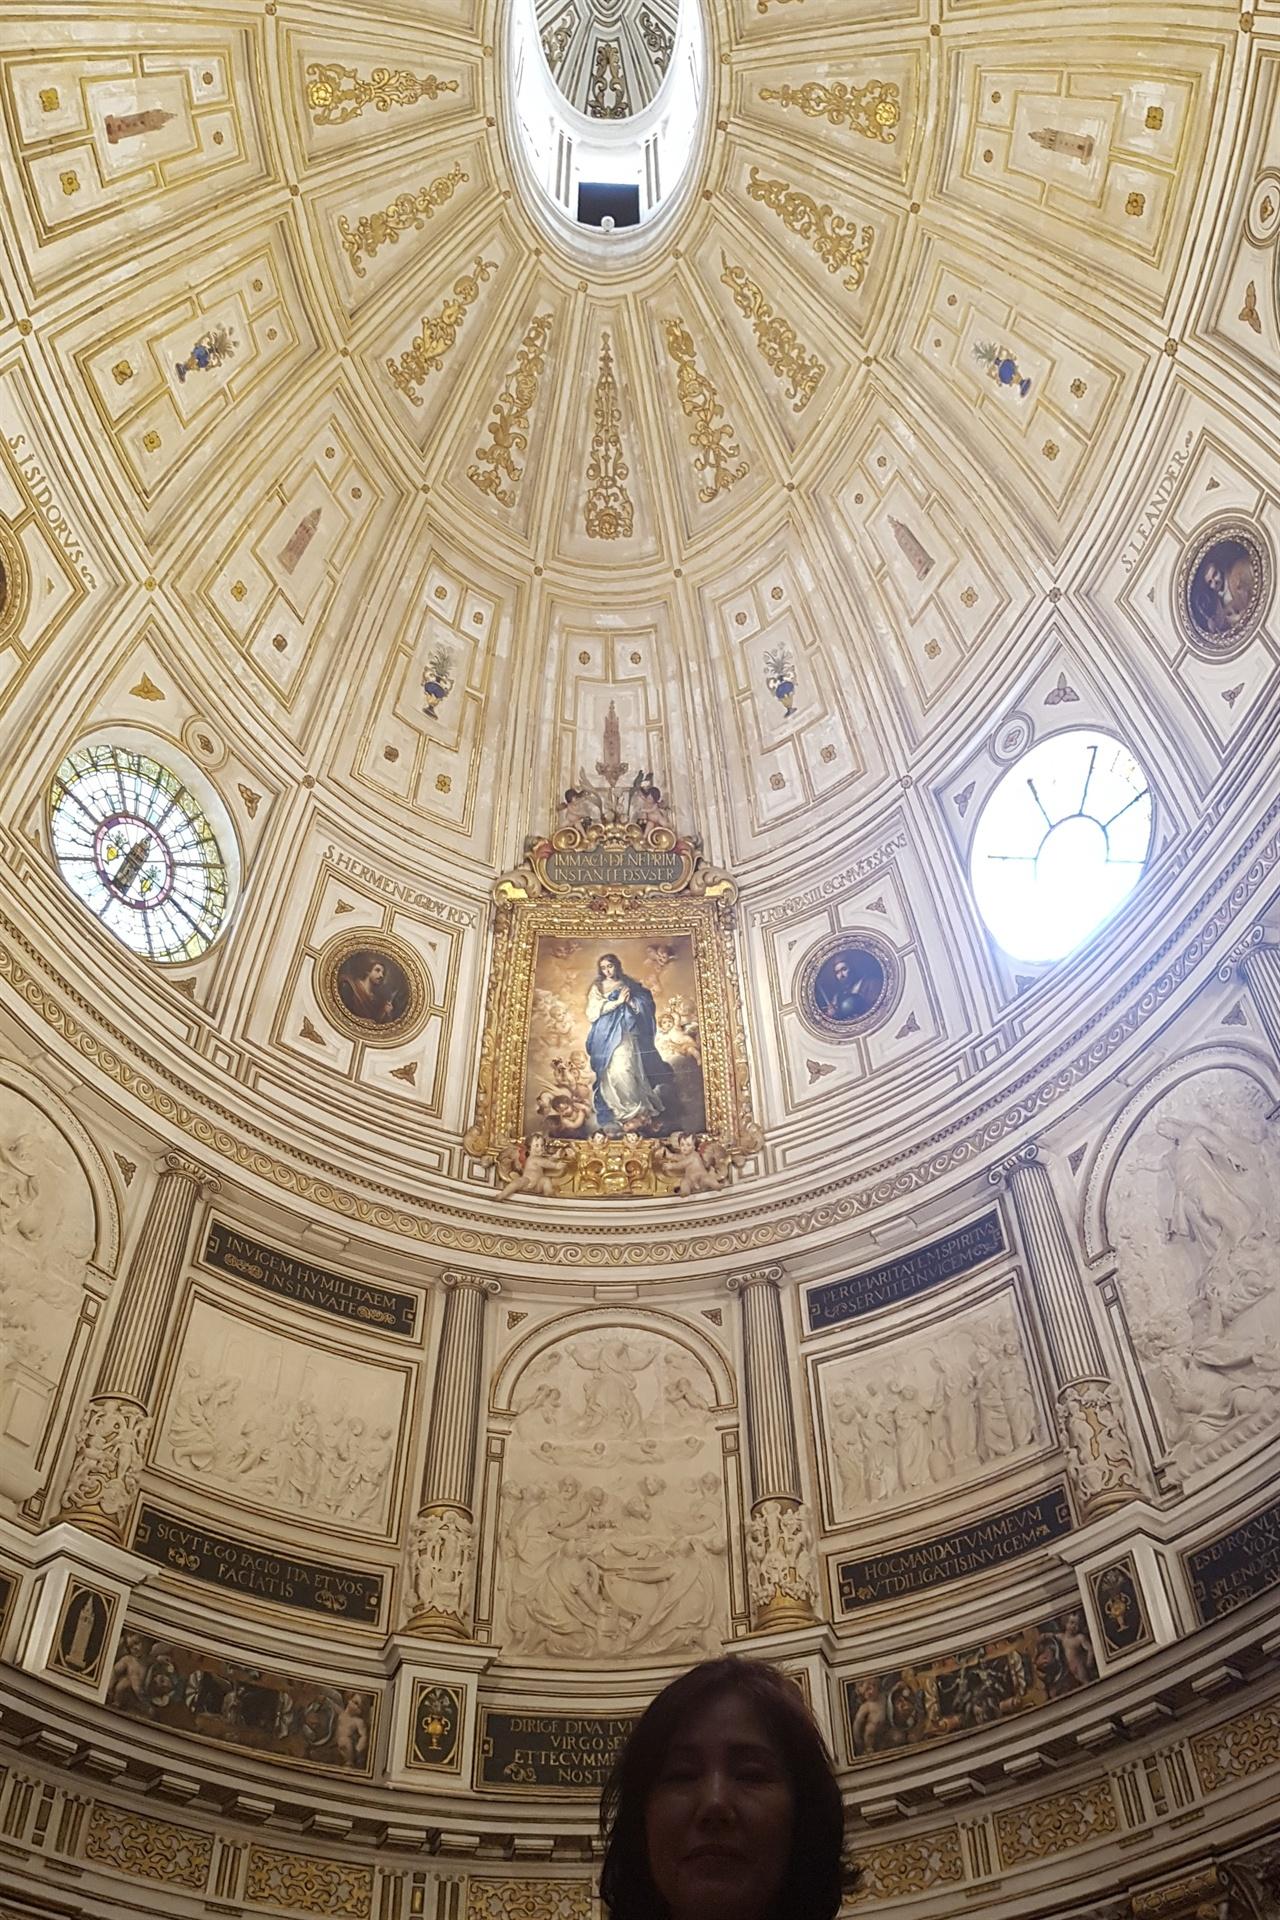 세비아 대성당의 천장. 유럽의 여느 고딕성당들보다 밝고 화려합니다.